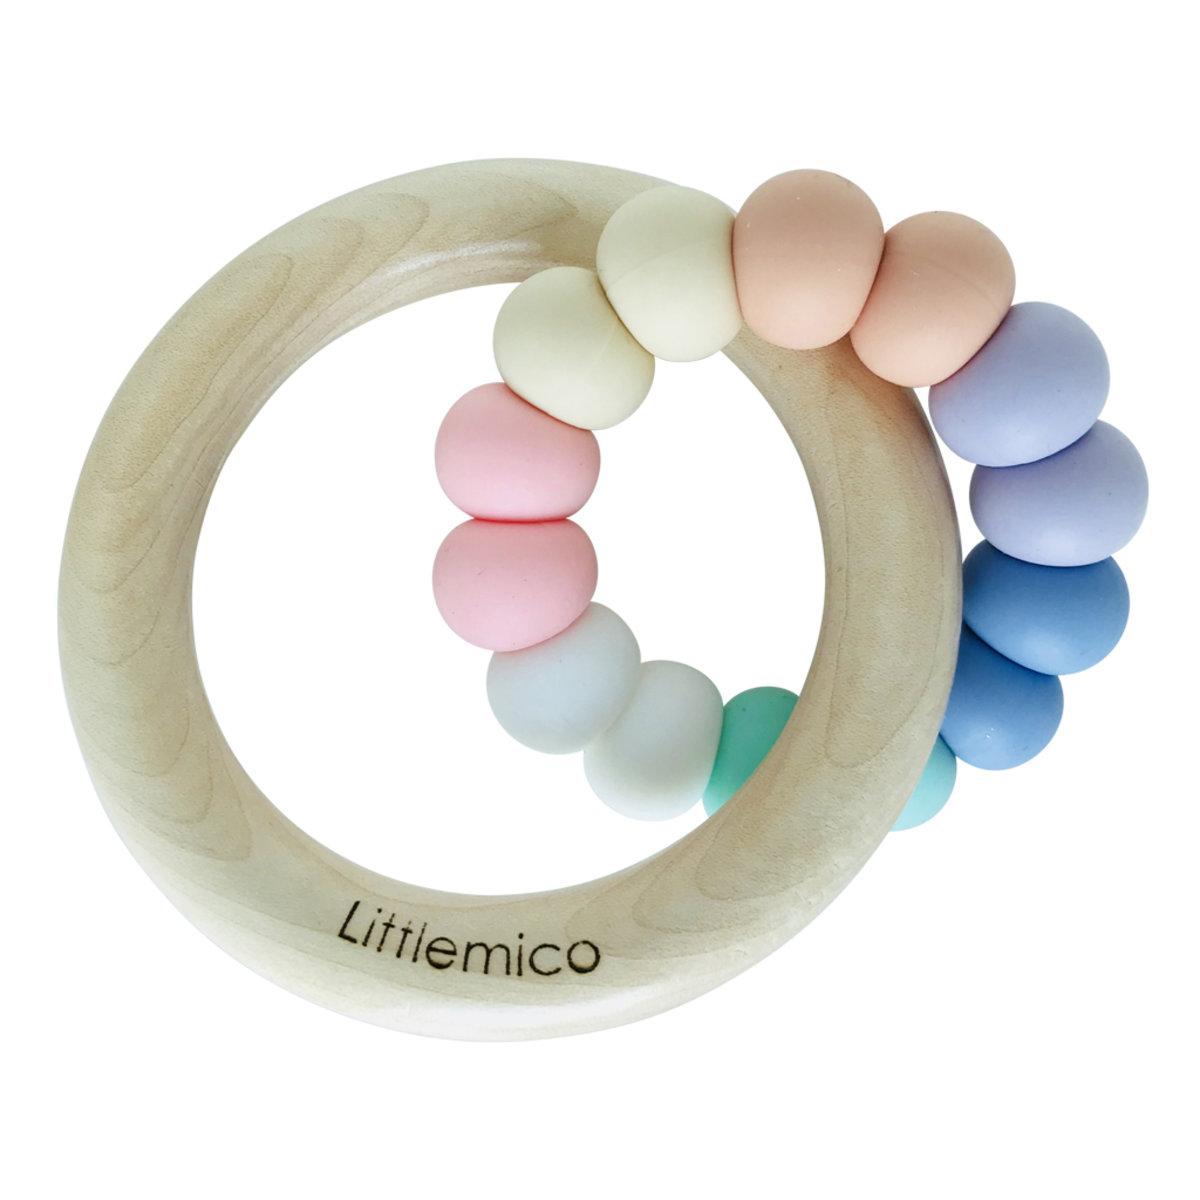 Teether Silicone & Wood (Rainbow)